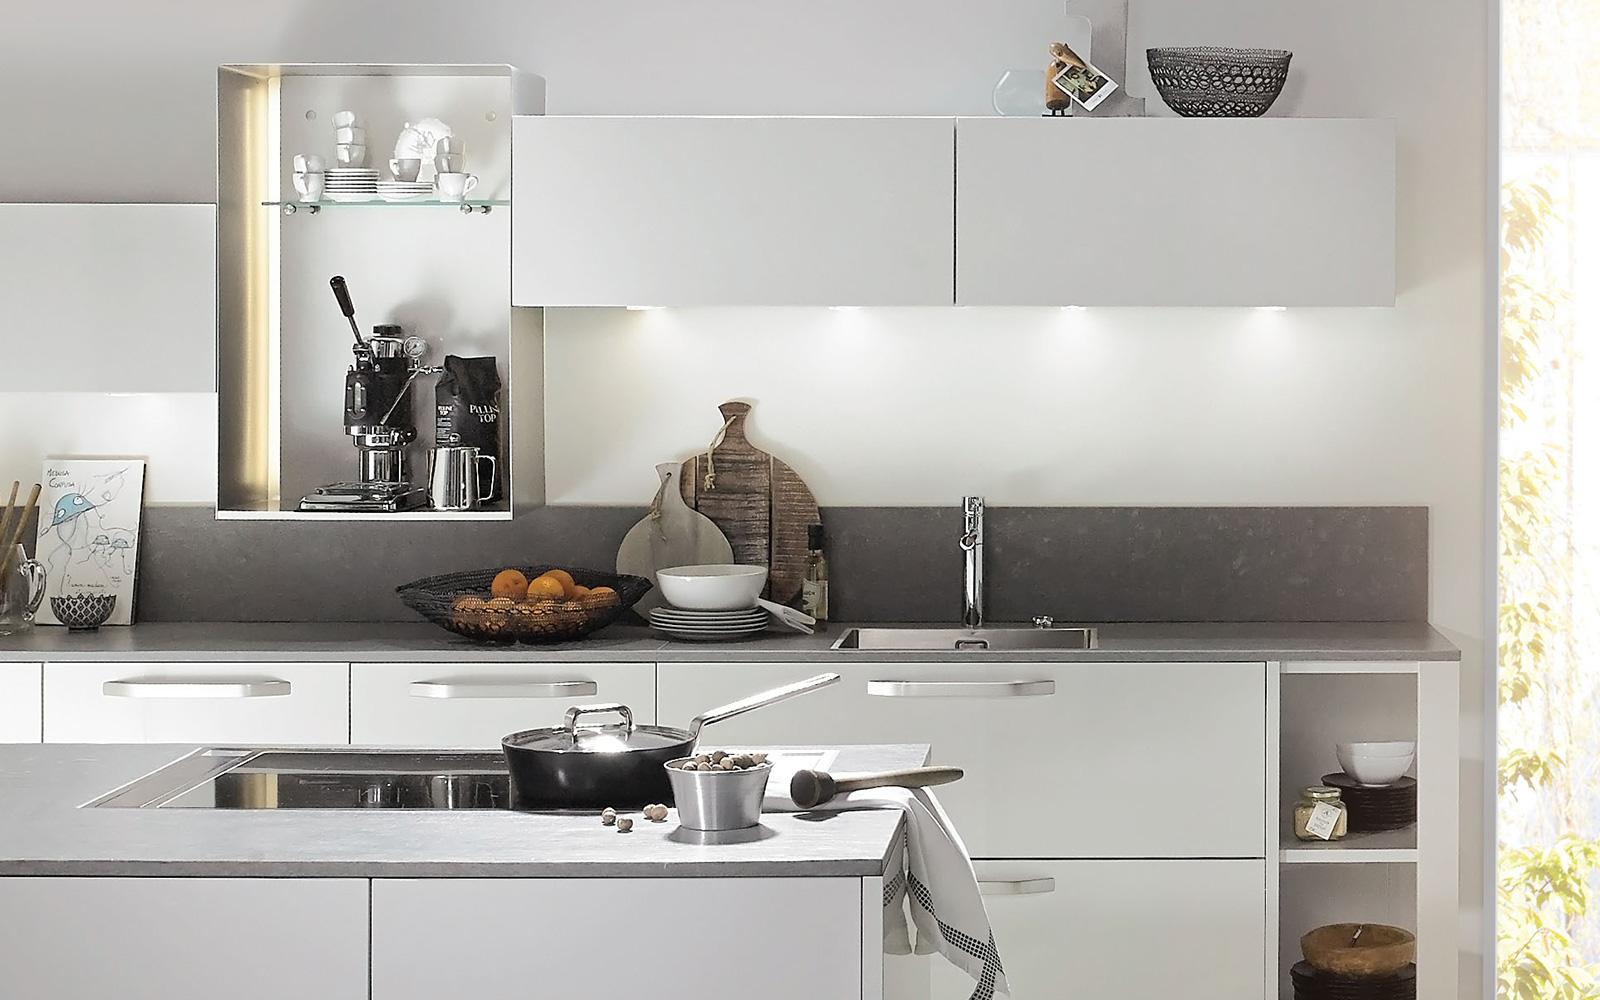 Full Size of Rondell Küche Kchenschrnke So Richten Sie Ihre Kche Perfekt Ein Möbelgriffe Mischbatterie Wandpaneel Glas Tapeten Für Die Modulare Kleine Einrichten Ikea Wohnzimmer Rondell Küche